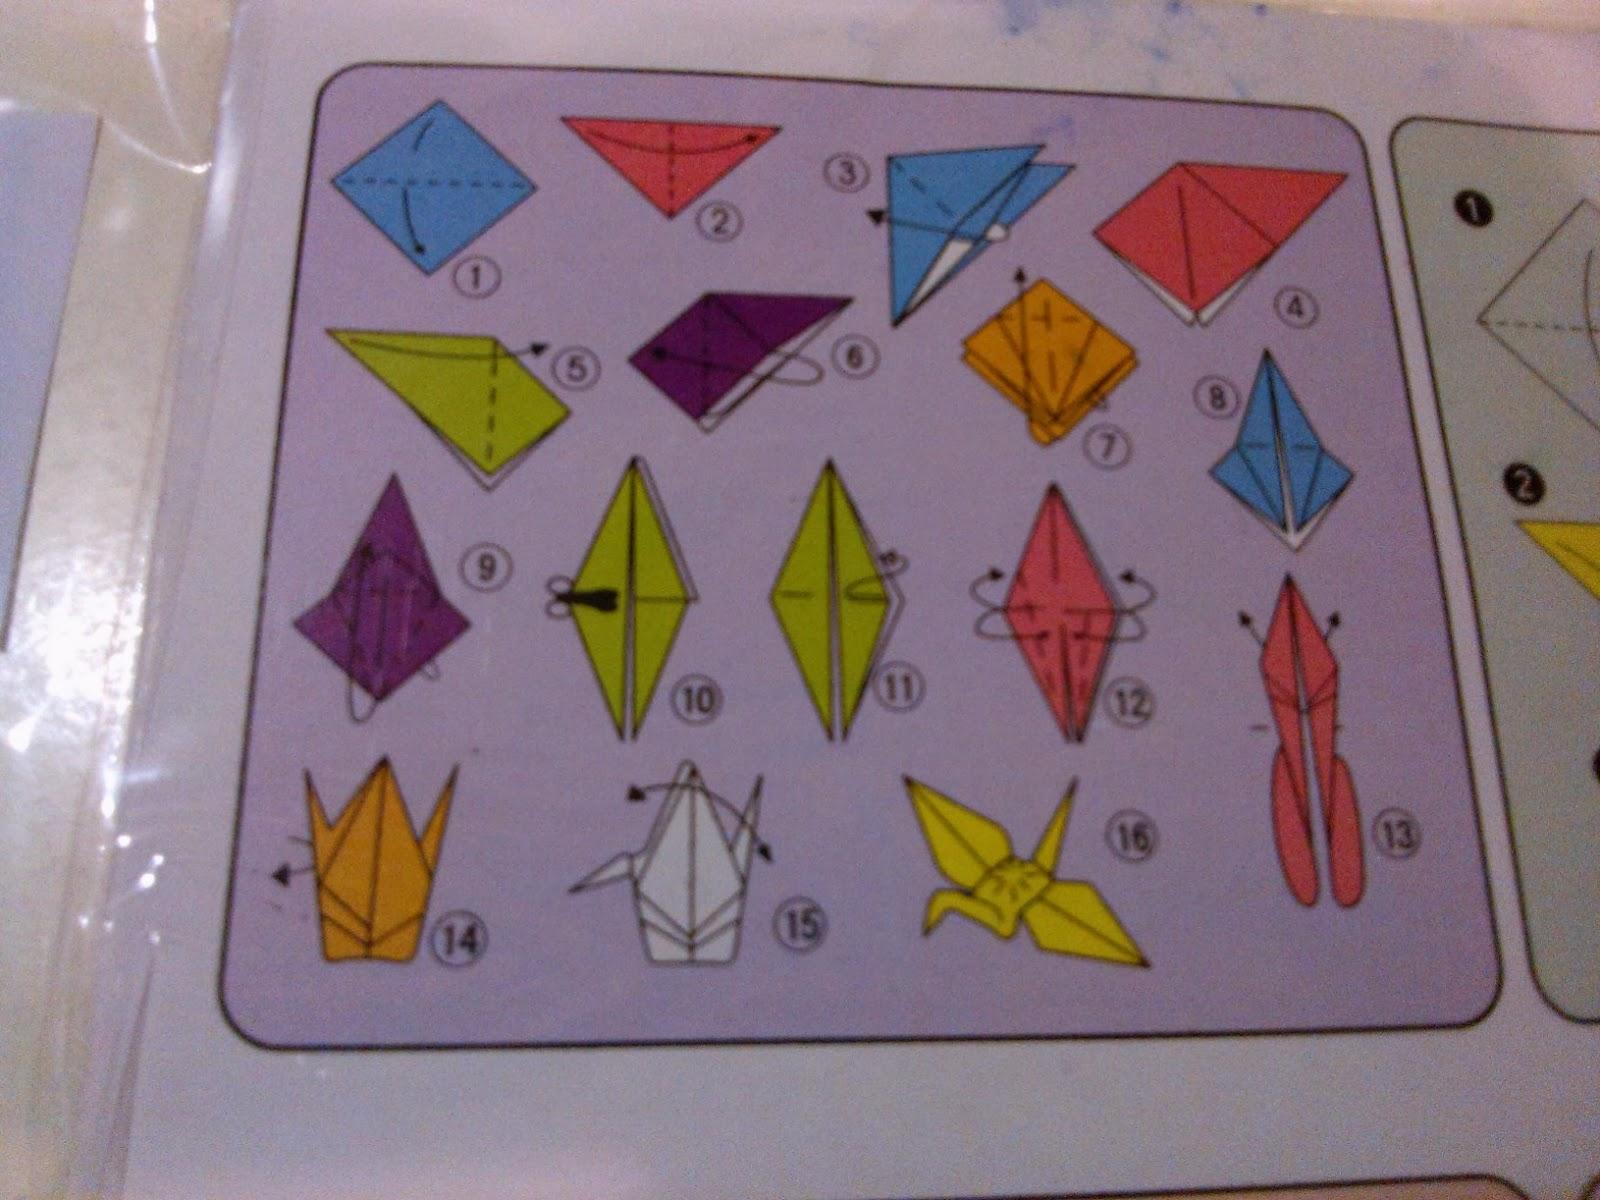 sadako sasaki and the thousand paper cranes pdf